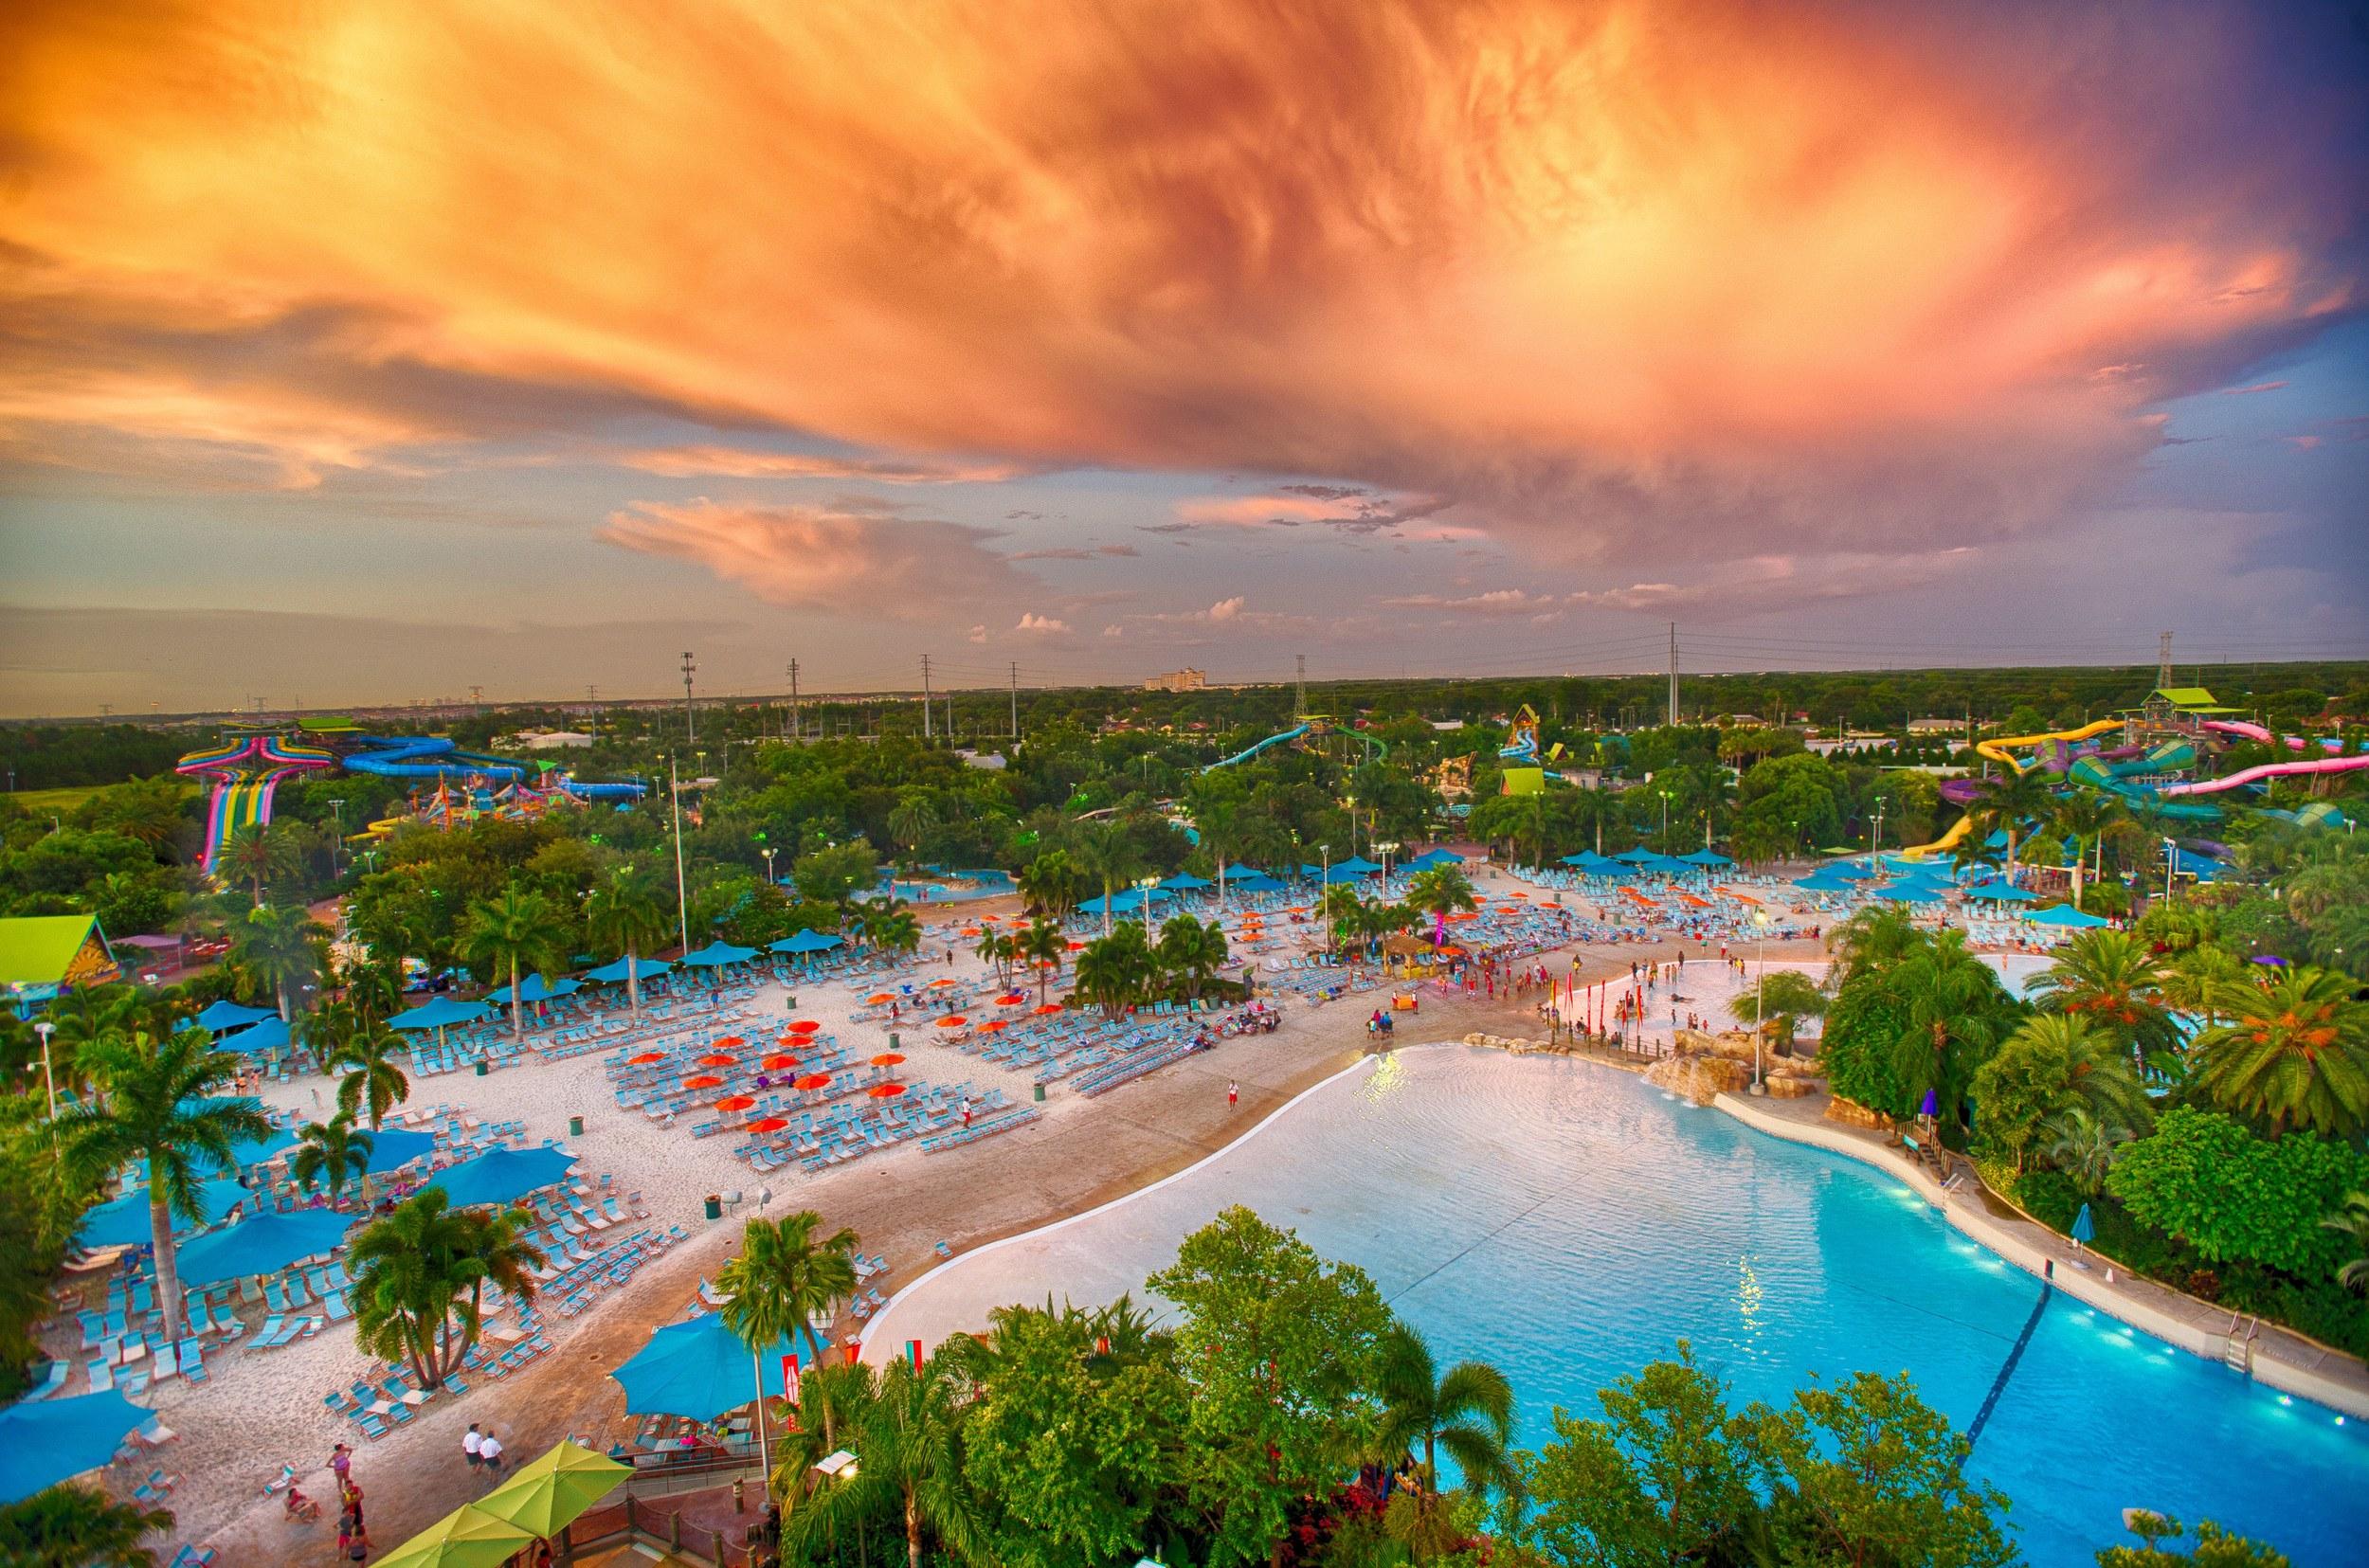 Aquatica Florida sunset view in Orlando